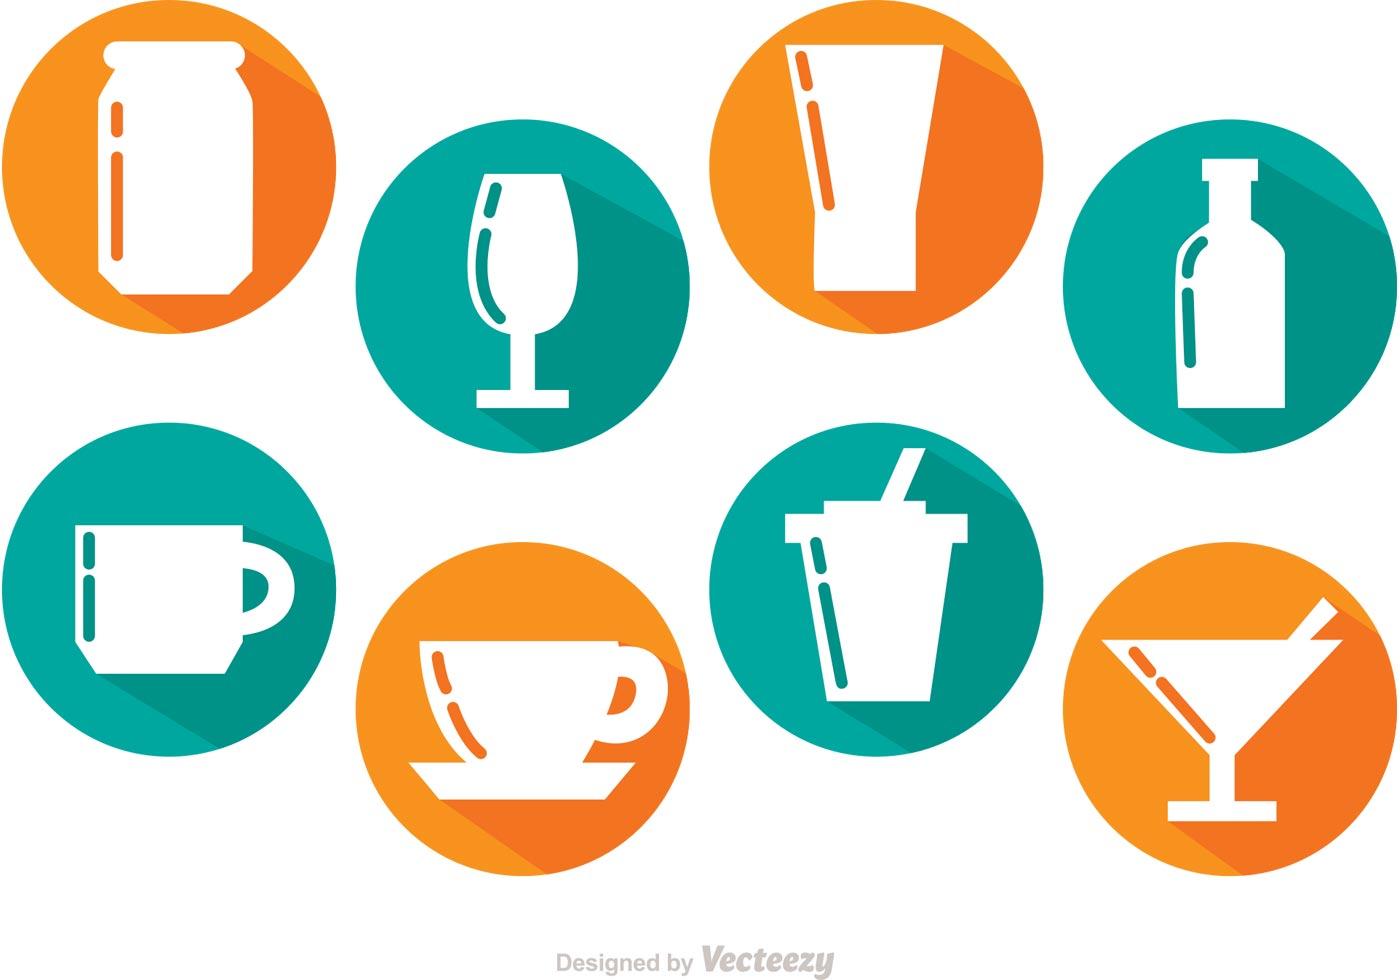 ... Drinks Vectors - Download Free Vector Art, Stock Graphics u0026 Images